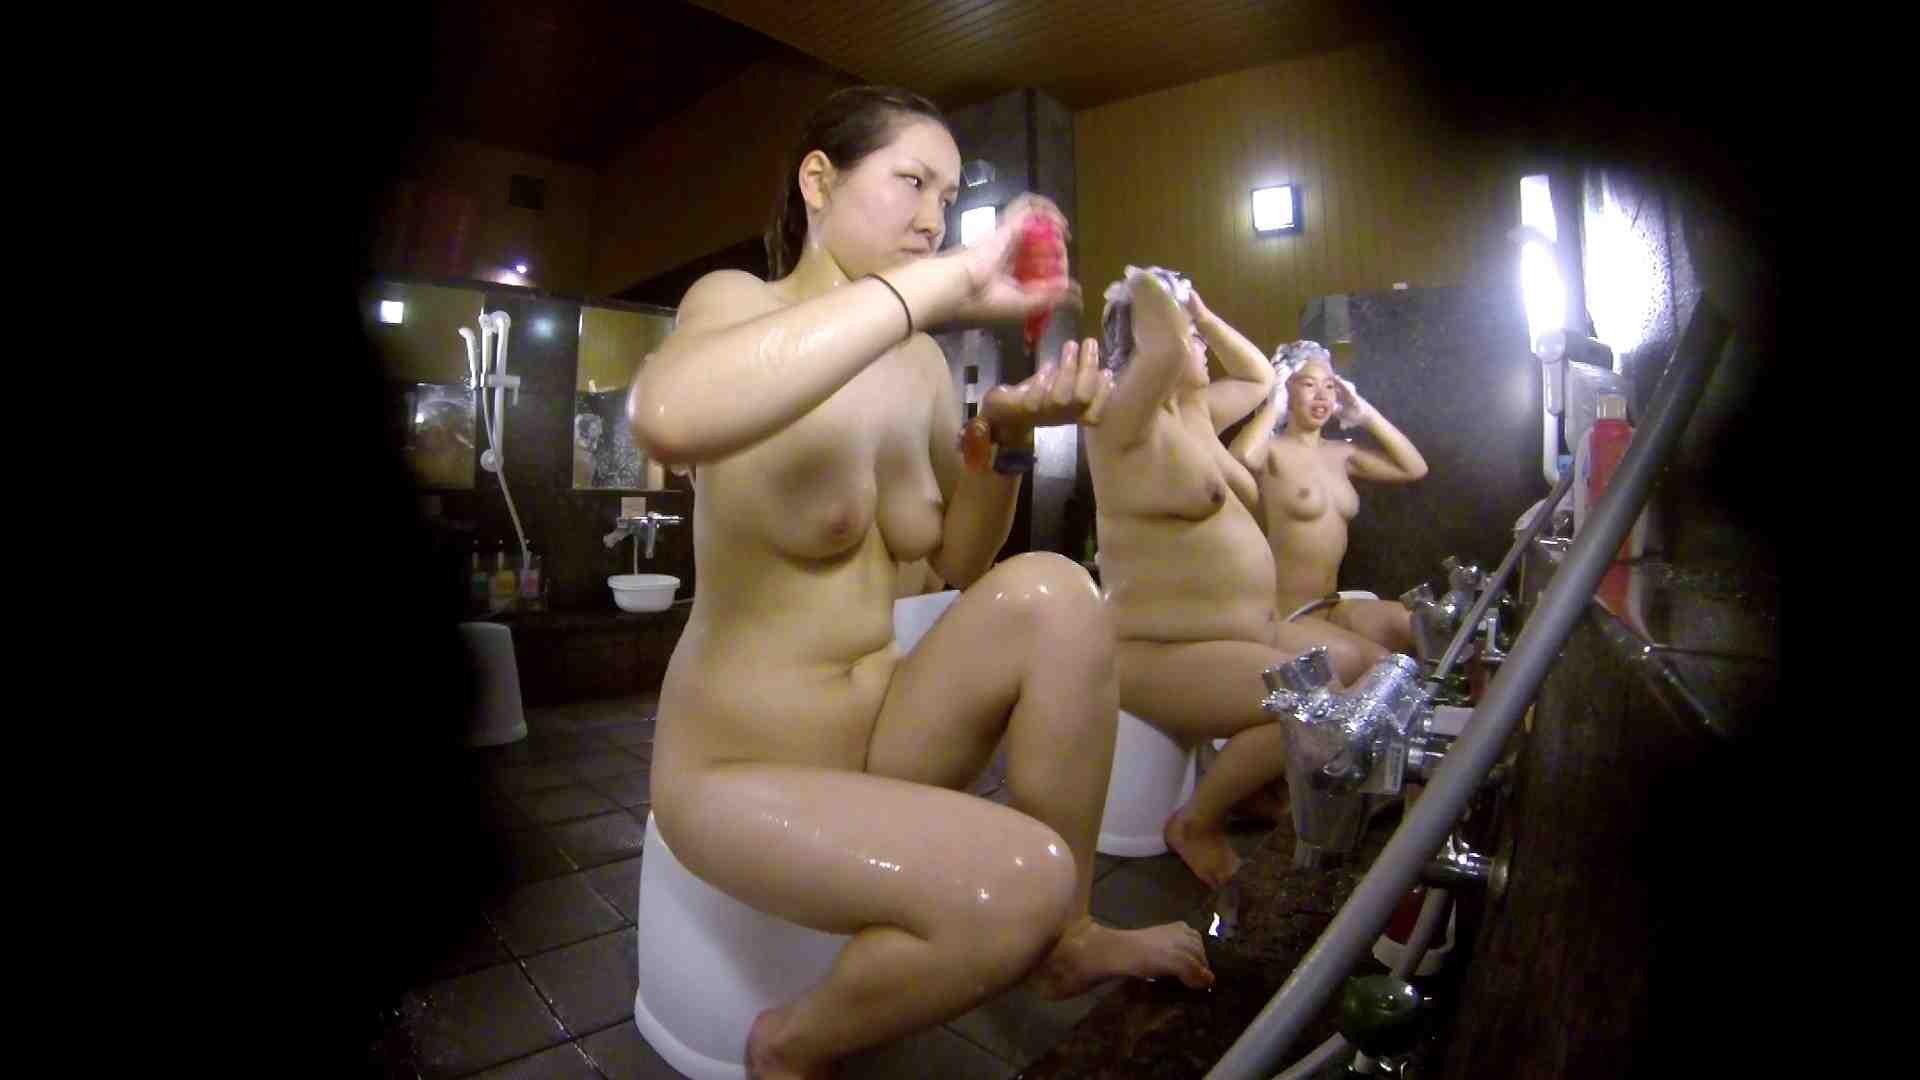 洗い場!色白でなかなかの美巨乳。柔らかく揺れまくりです 銭湯 盗み撮りオマンコ動画キャプチャ 92pic 56